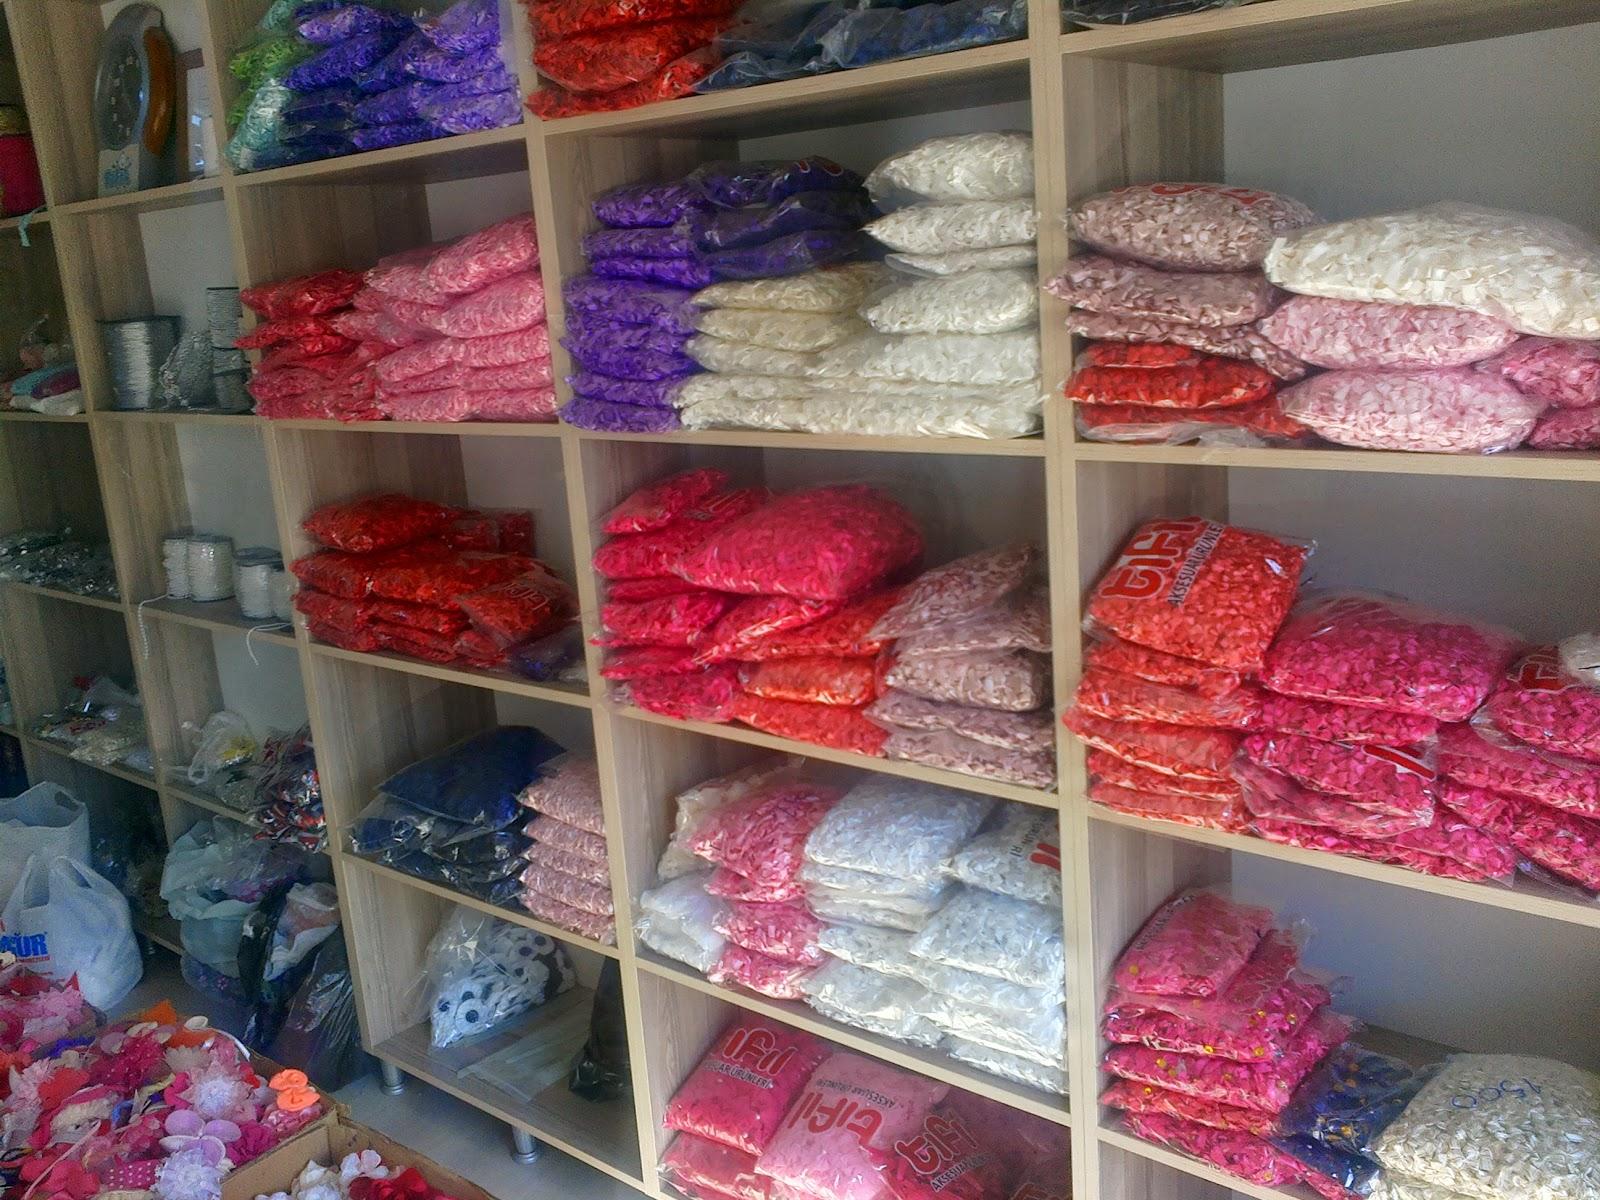 elbise ve yatak örtüsü süslemelerinde kullanılan çiçek imalatı yapan tekstil firmaları